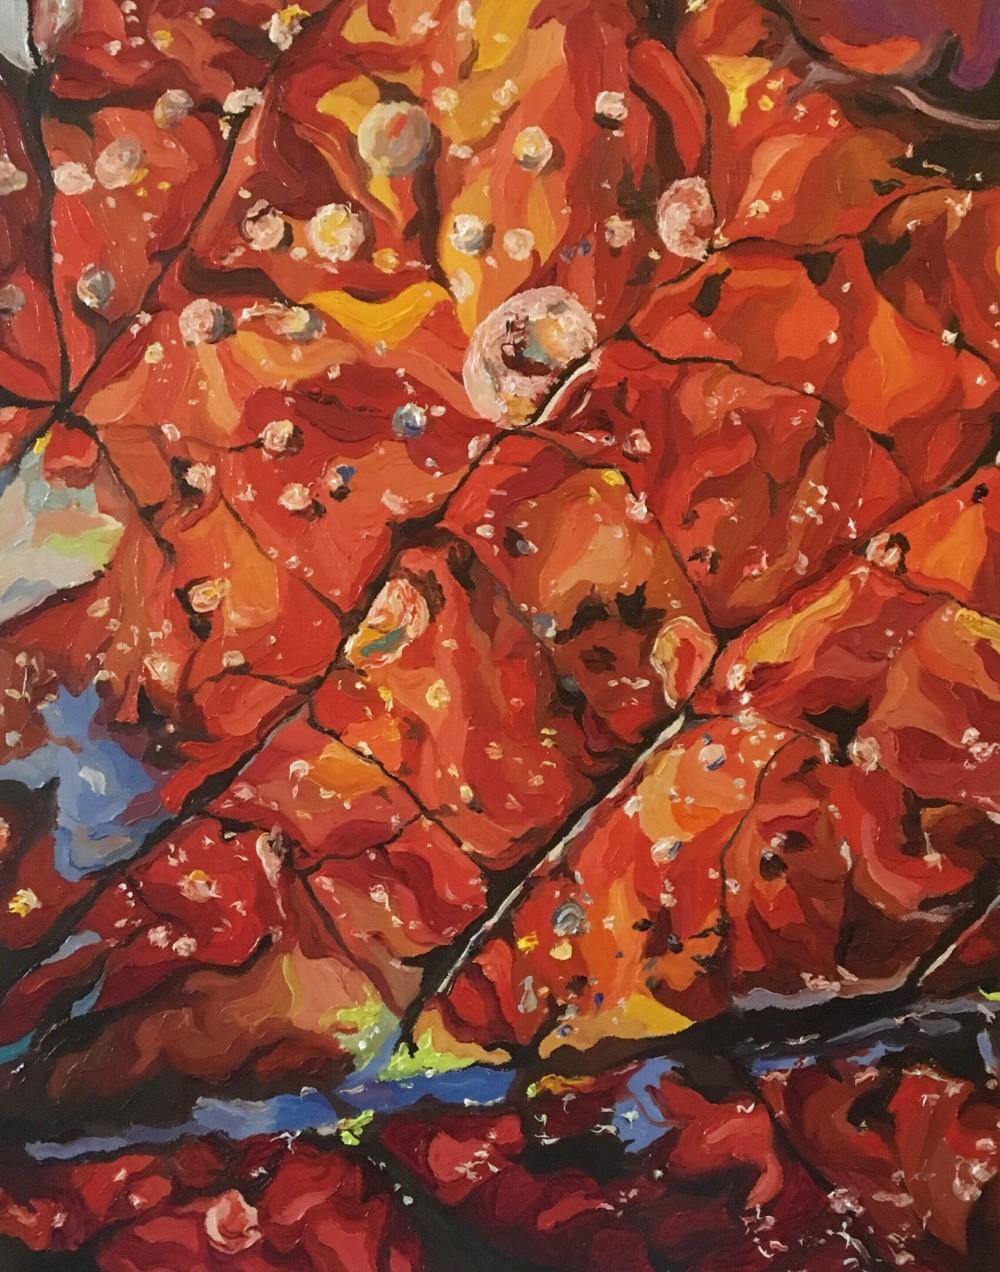 Flowing Artist: Ming Ying